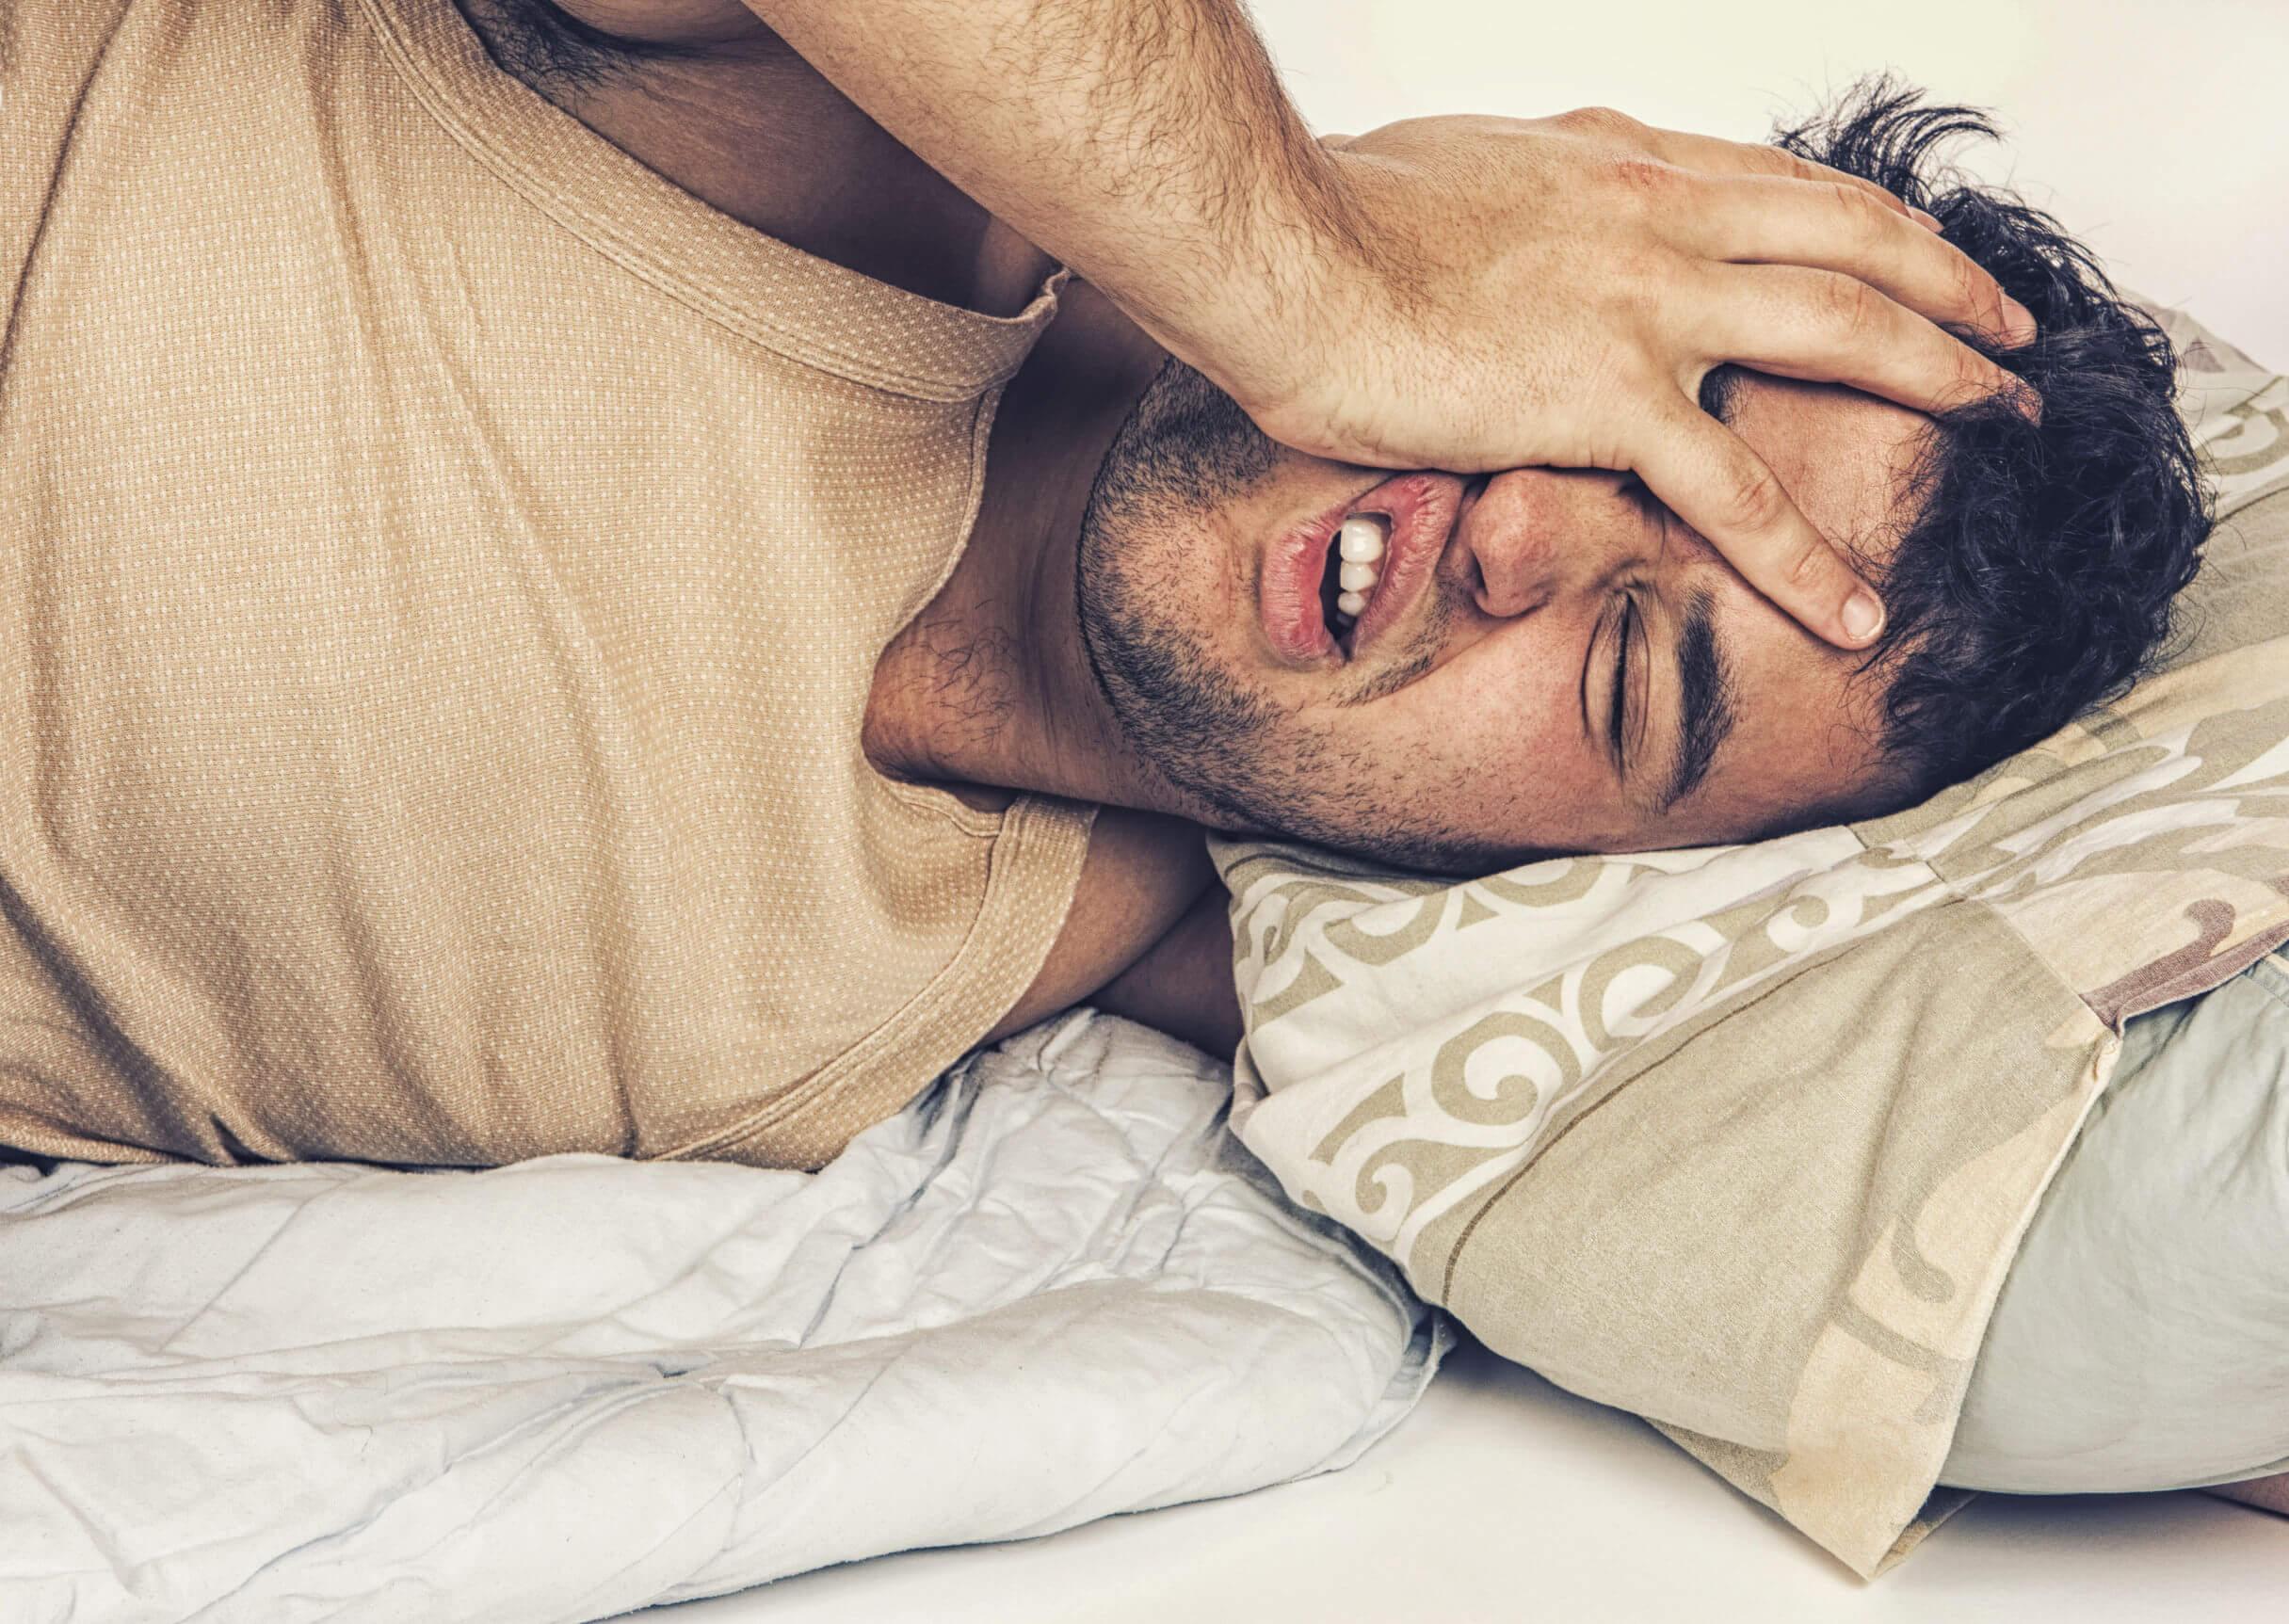 Para recuperar as horas de sono, você precisa fazer mudanças em seu estilo de vida.